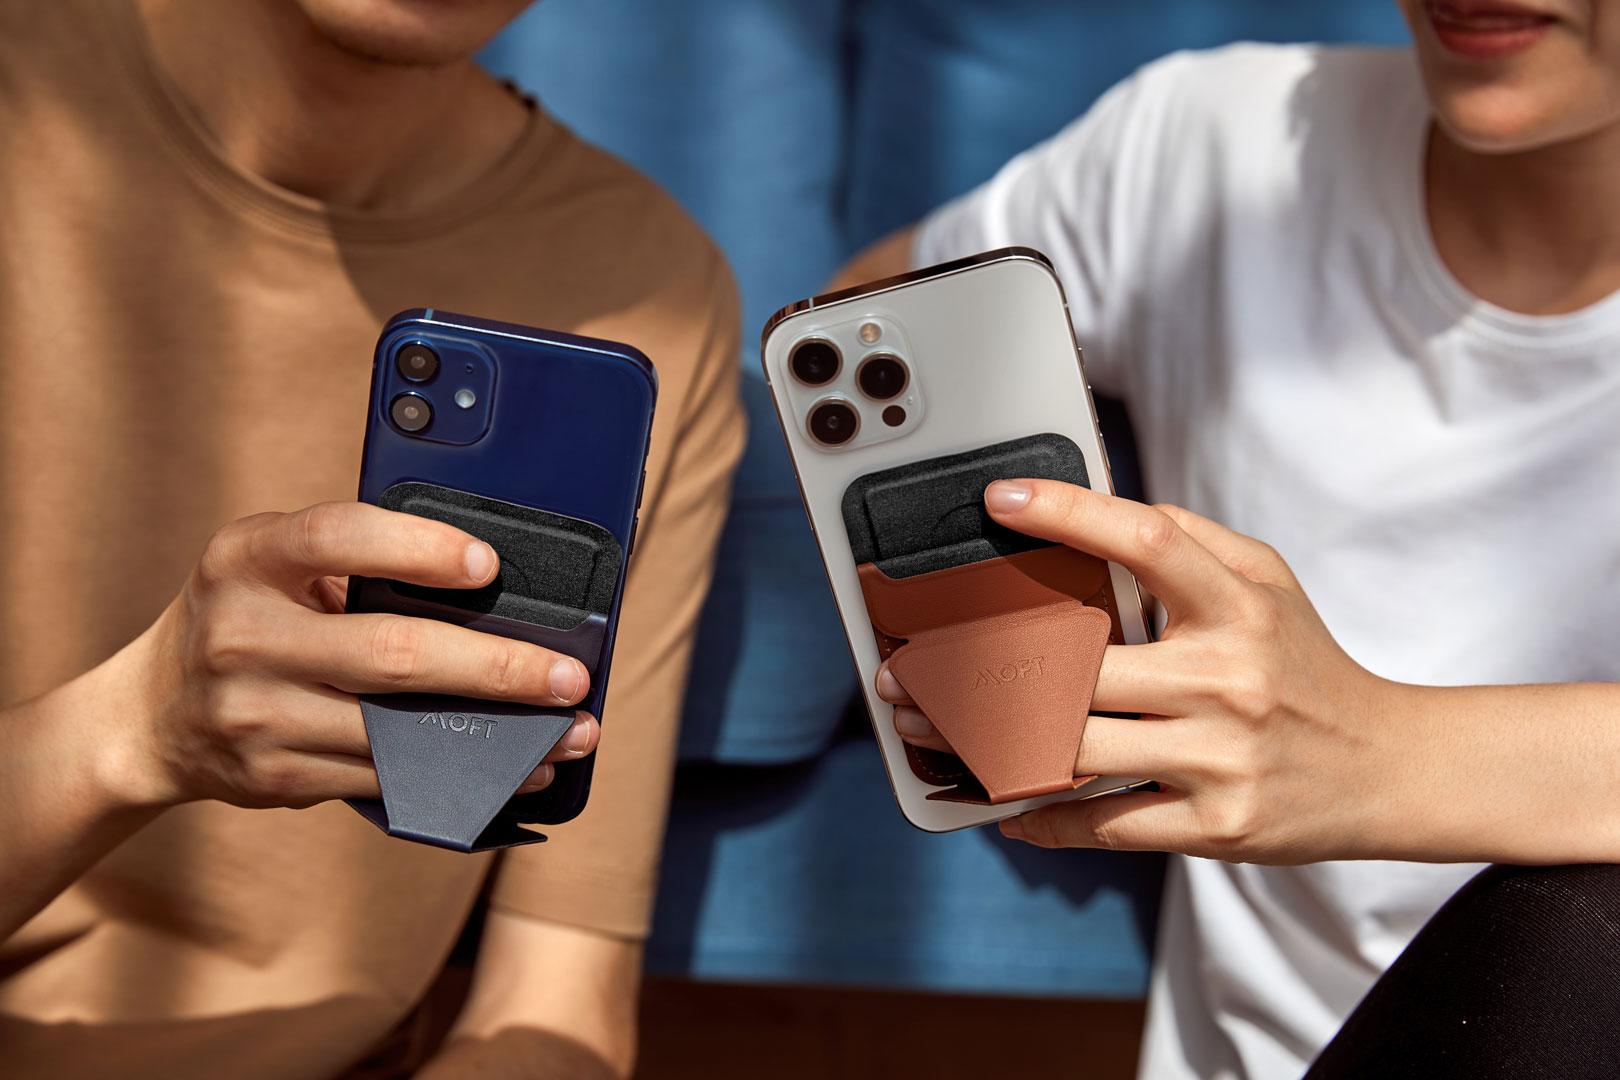 MOFTより、iPhone12 Magsafe対応 ウォレット&スタンドを1月5日(火)よりAMAZONにて販売開始!